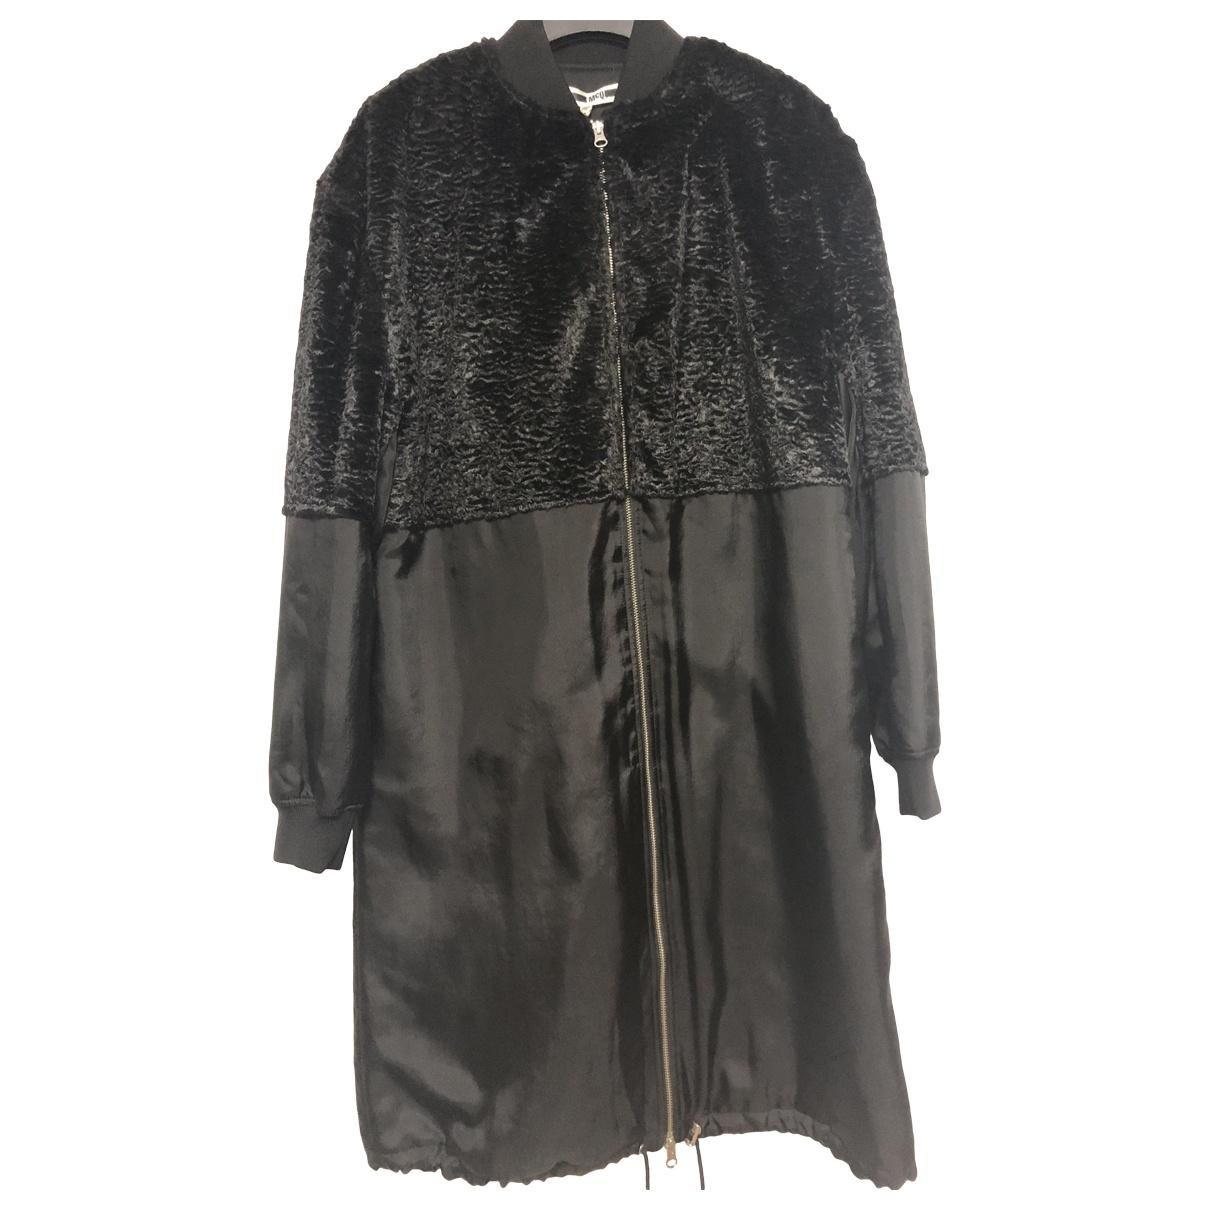 Mcq - Manteau   pour femme en fourrure synthetique - noir